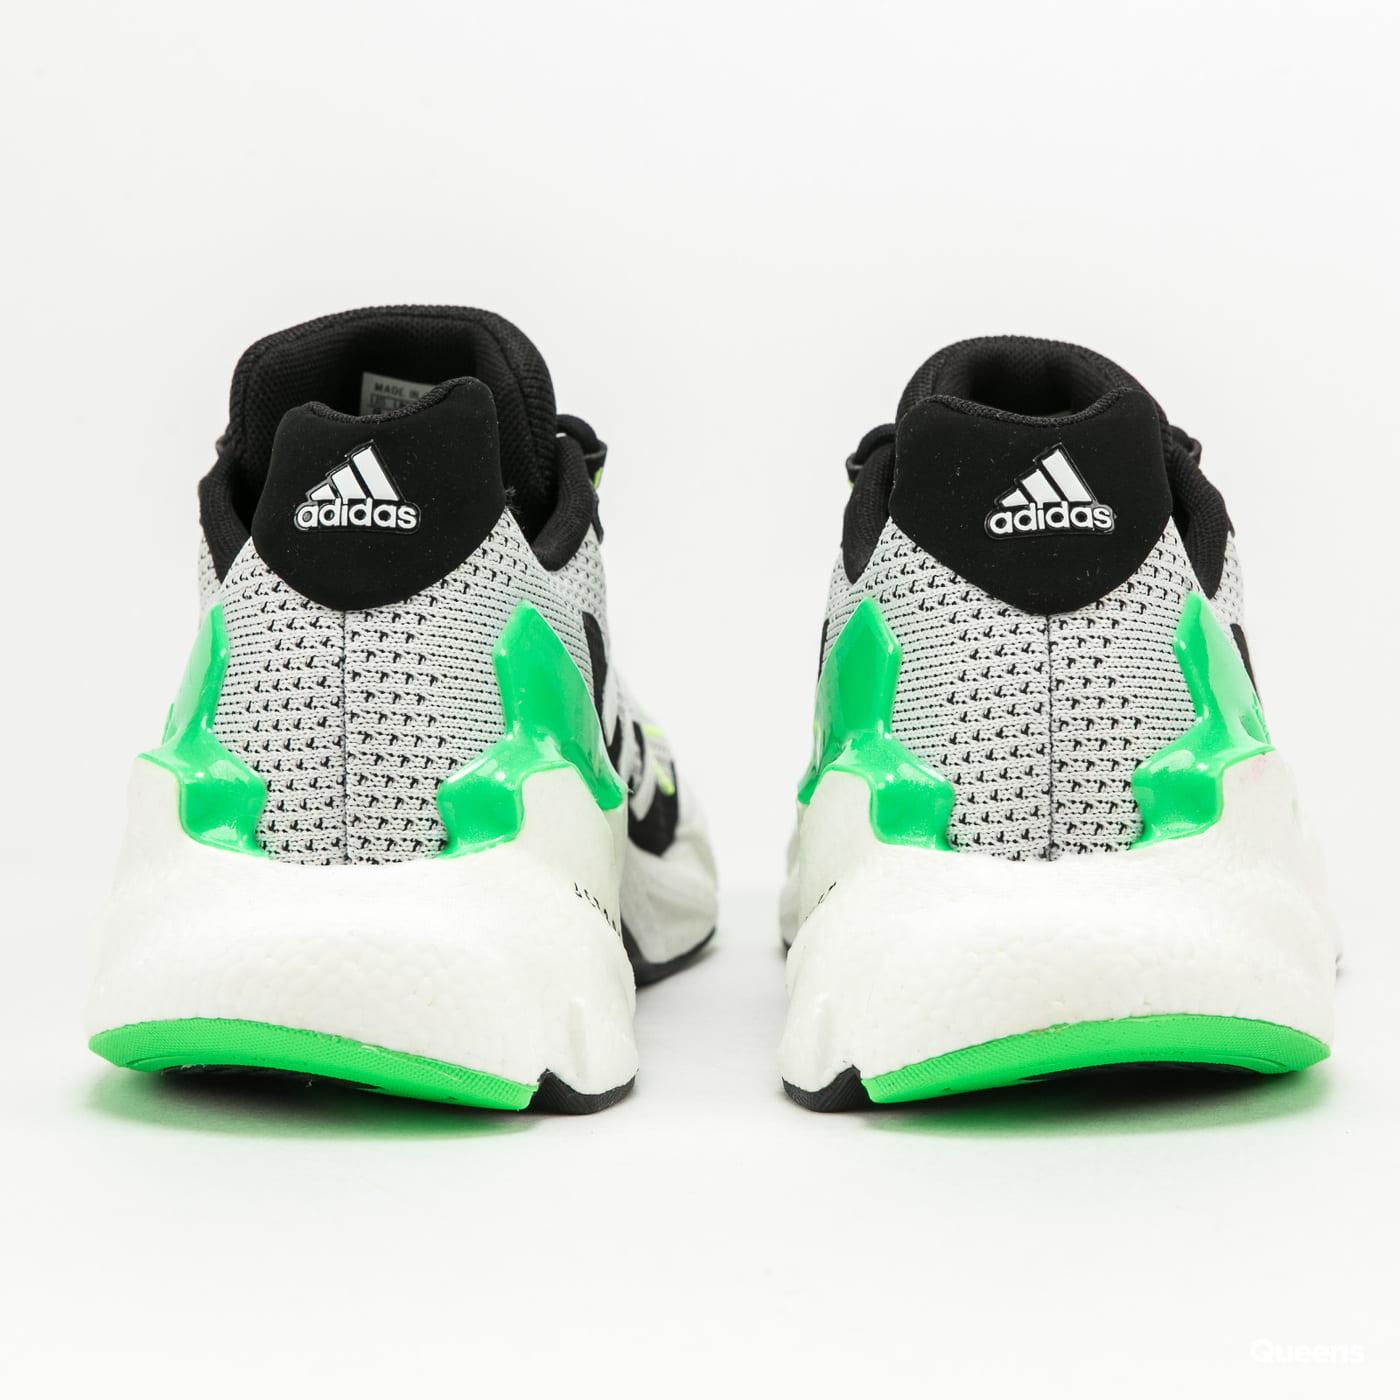 adidas Originals X9000L4 M crywht / ftwwht / scrgrn